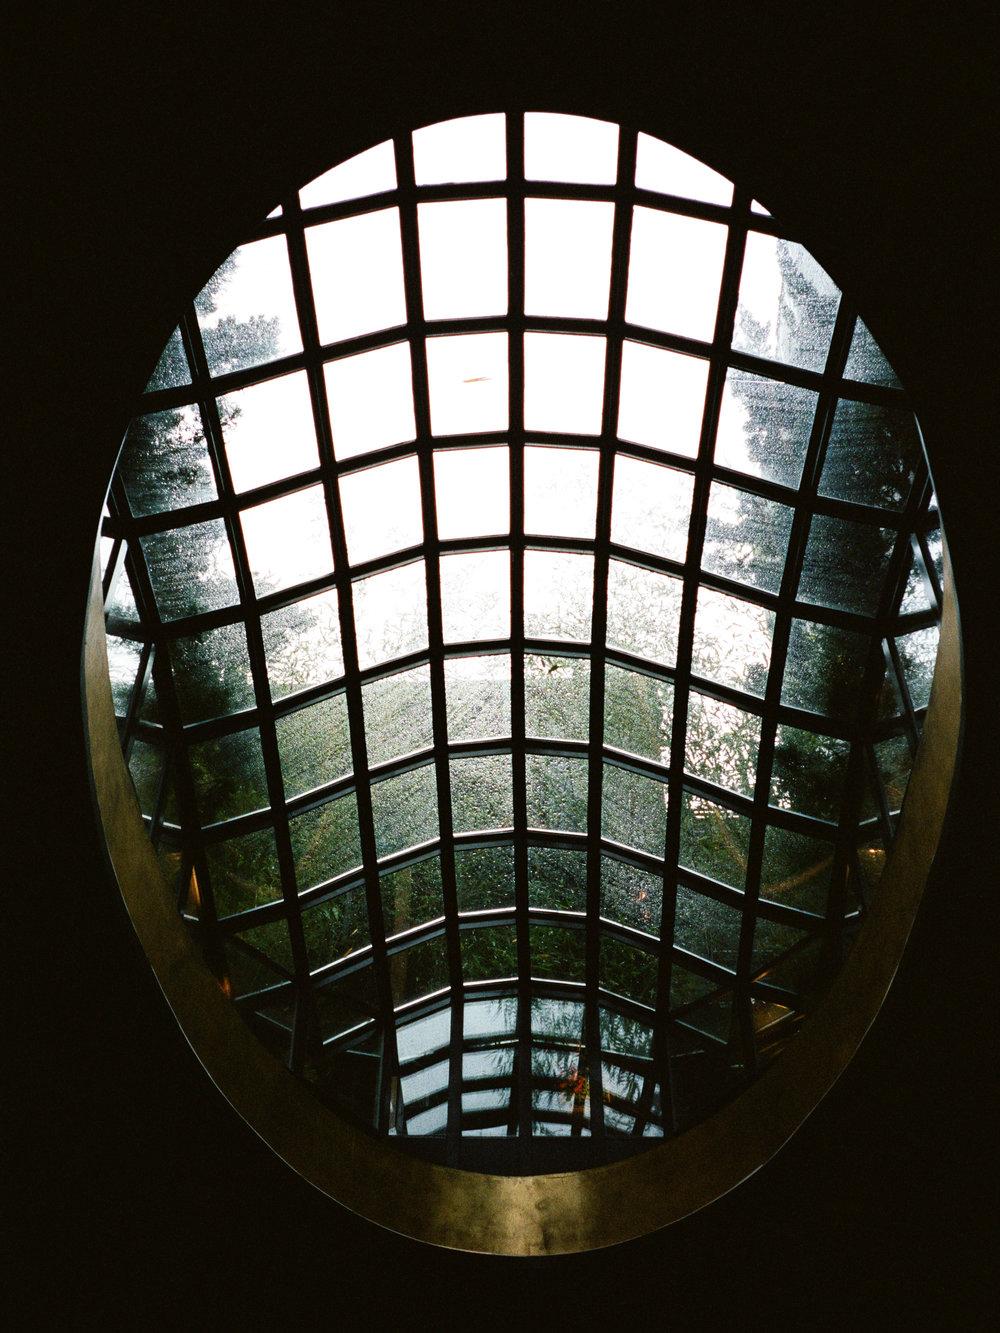 LeicaM6_Portra400-596.jpg